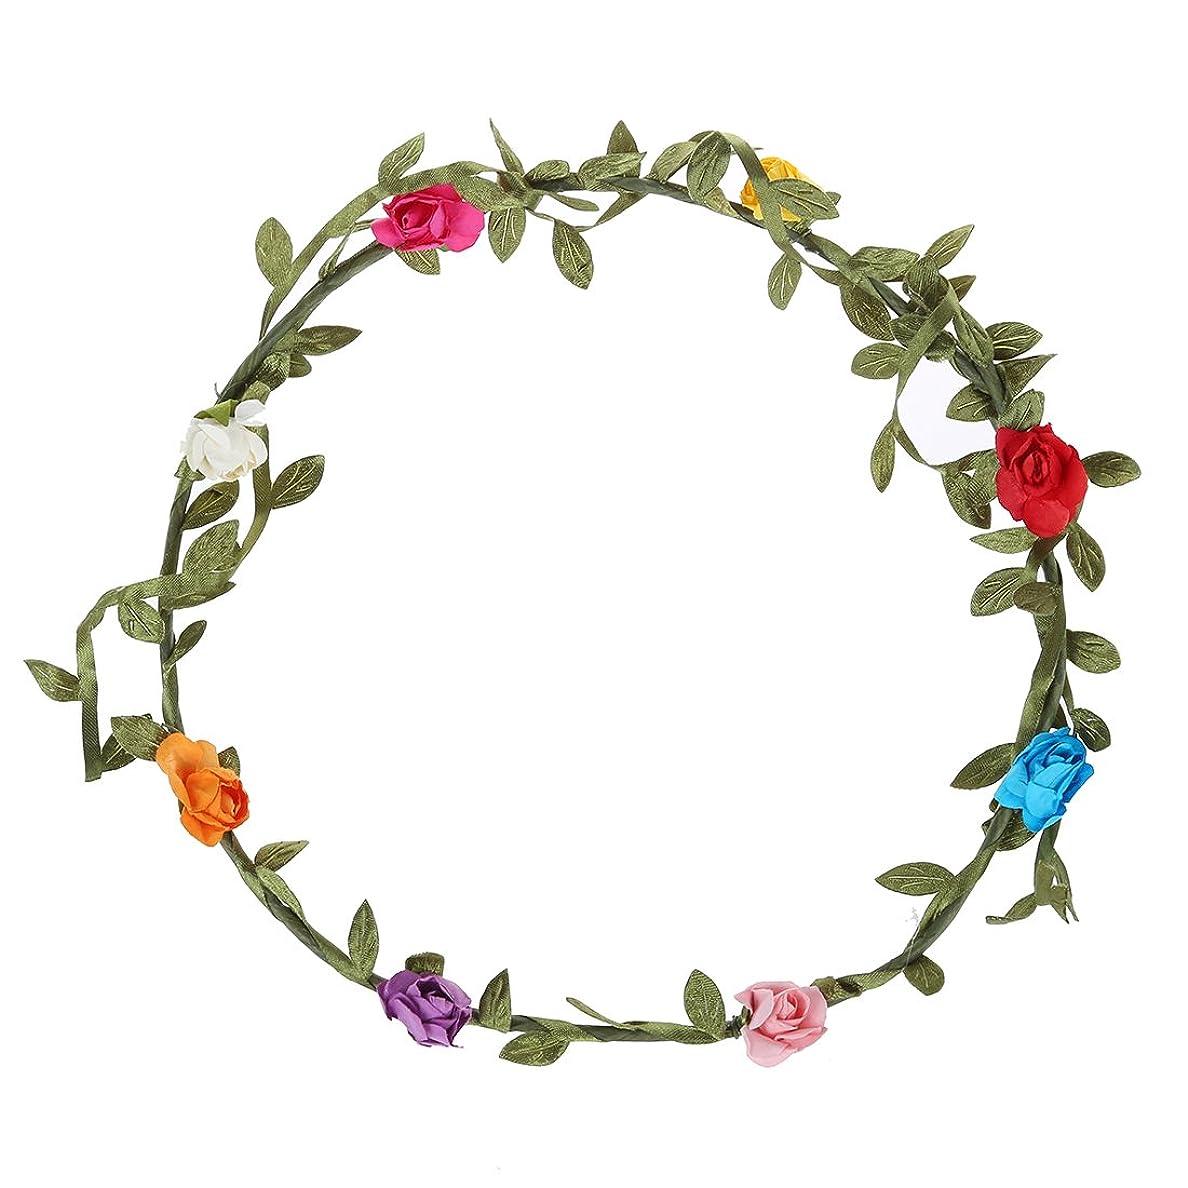 大破アクティビティ刈り取るSODIAL(R)2個 レディ ボヘミア 花 フラワー お祭り ウェディング ガーランド ヘアヘッド ヘッドバンド-マルチカラー